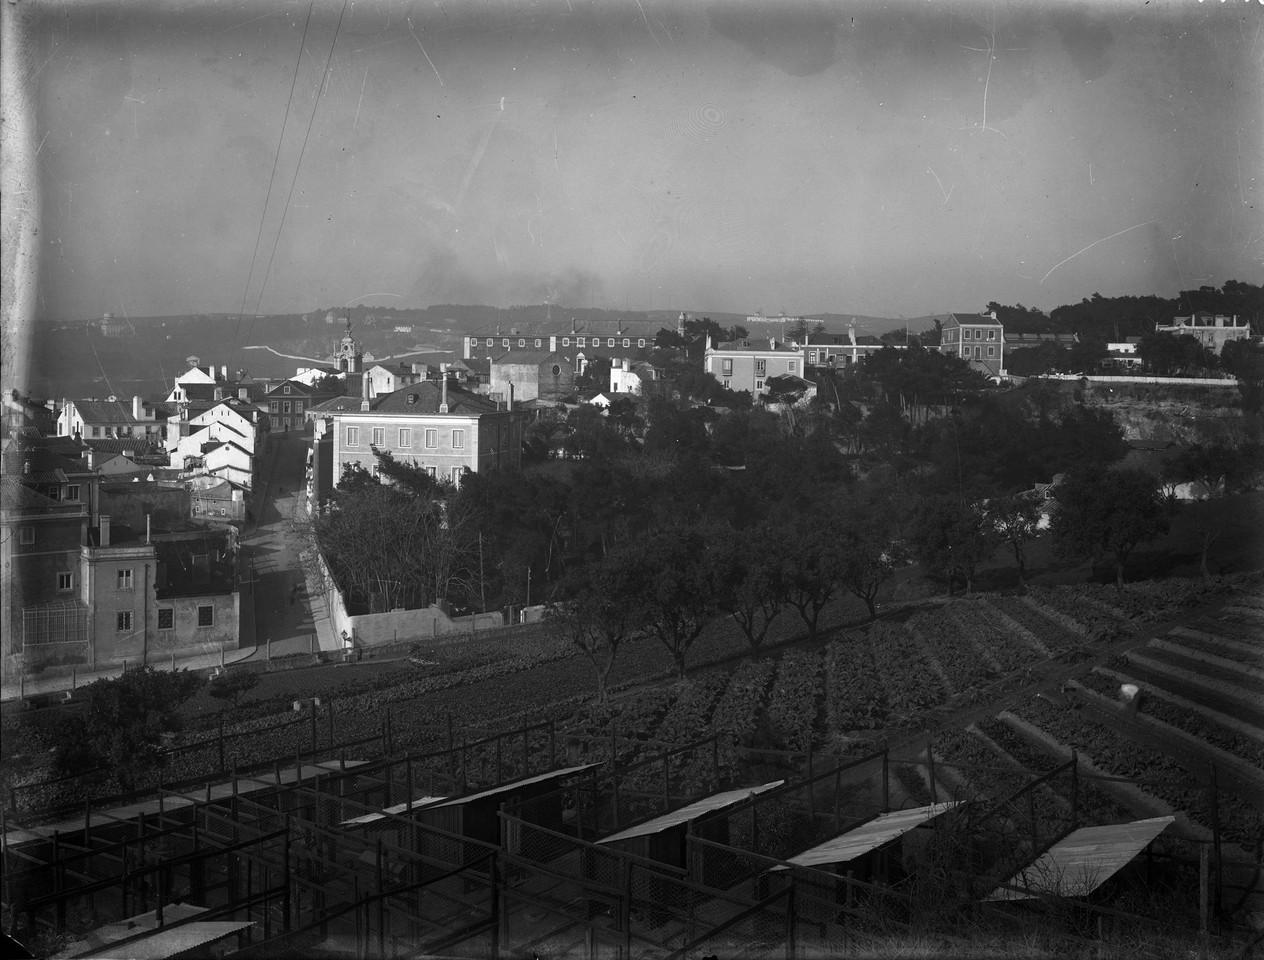 Cova da Moura, Pampulha, c. 1940 (?)